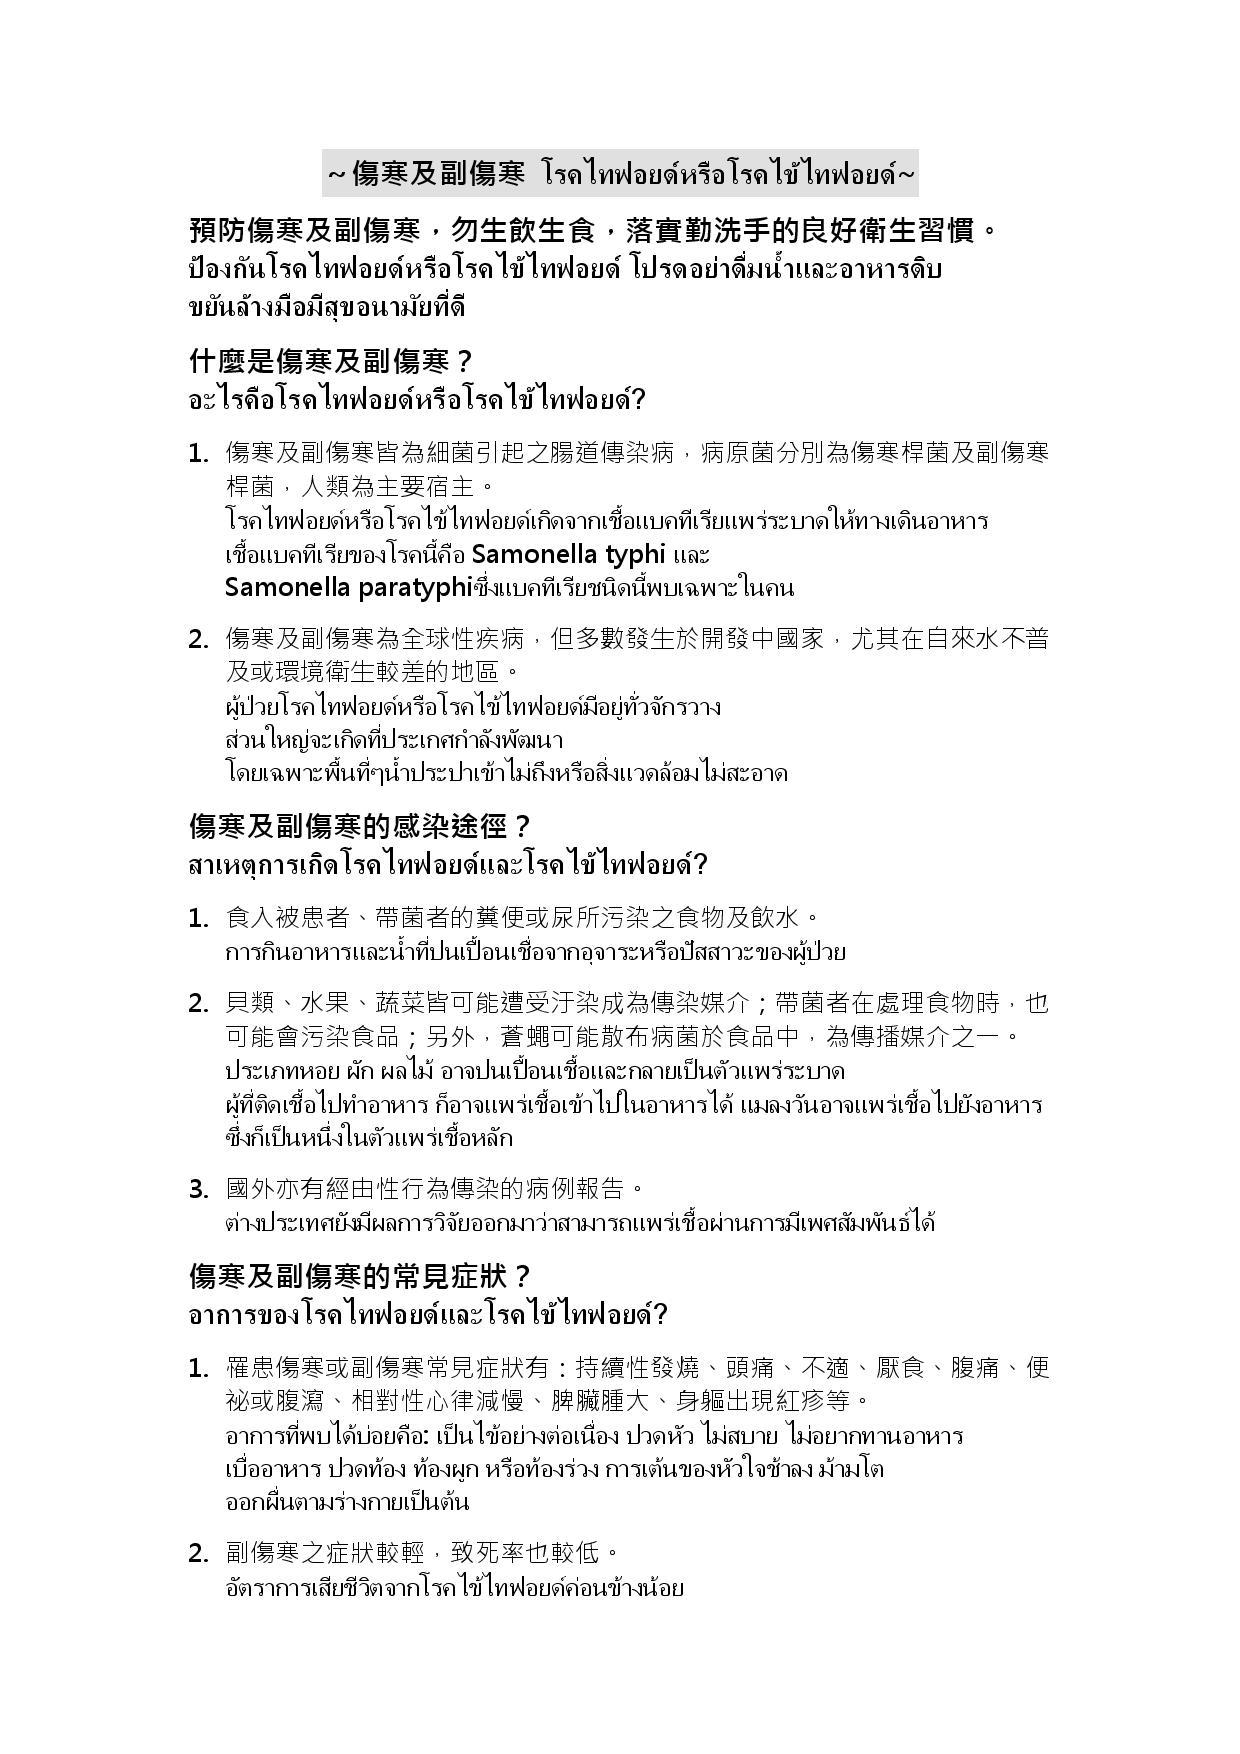 詳如附件【คลิก】ป้องกันโรคไทฟอยด์หรือโรคไข้ไทฟอยด์(หน้า 1)預防傷寒及副傷寒(泰文)